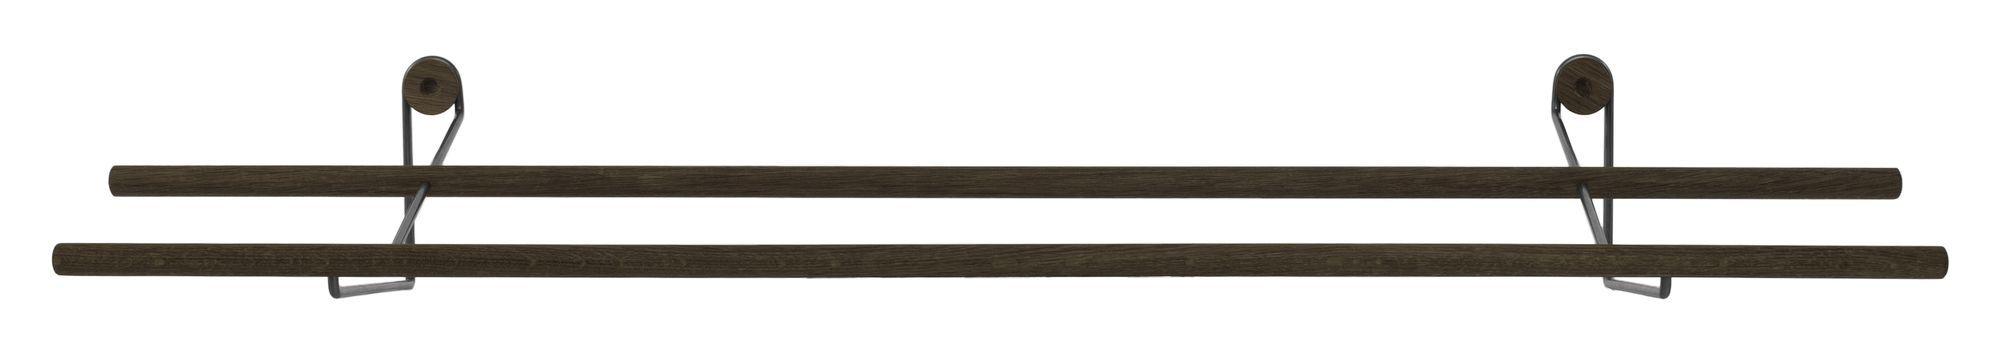 We Do Wood Shoe Rack - Røget Eg/Sort